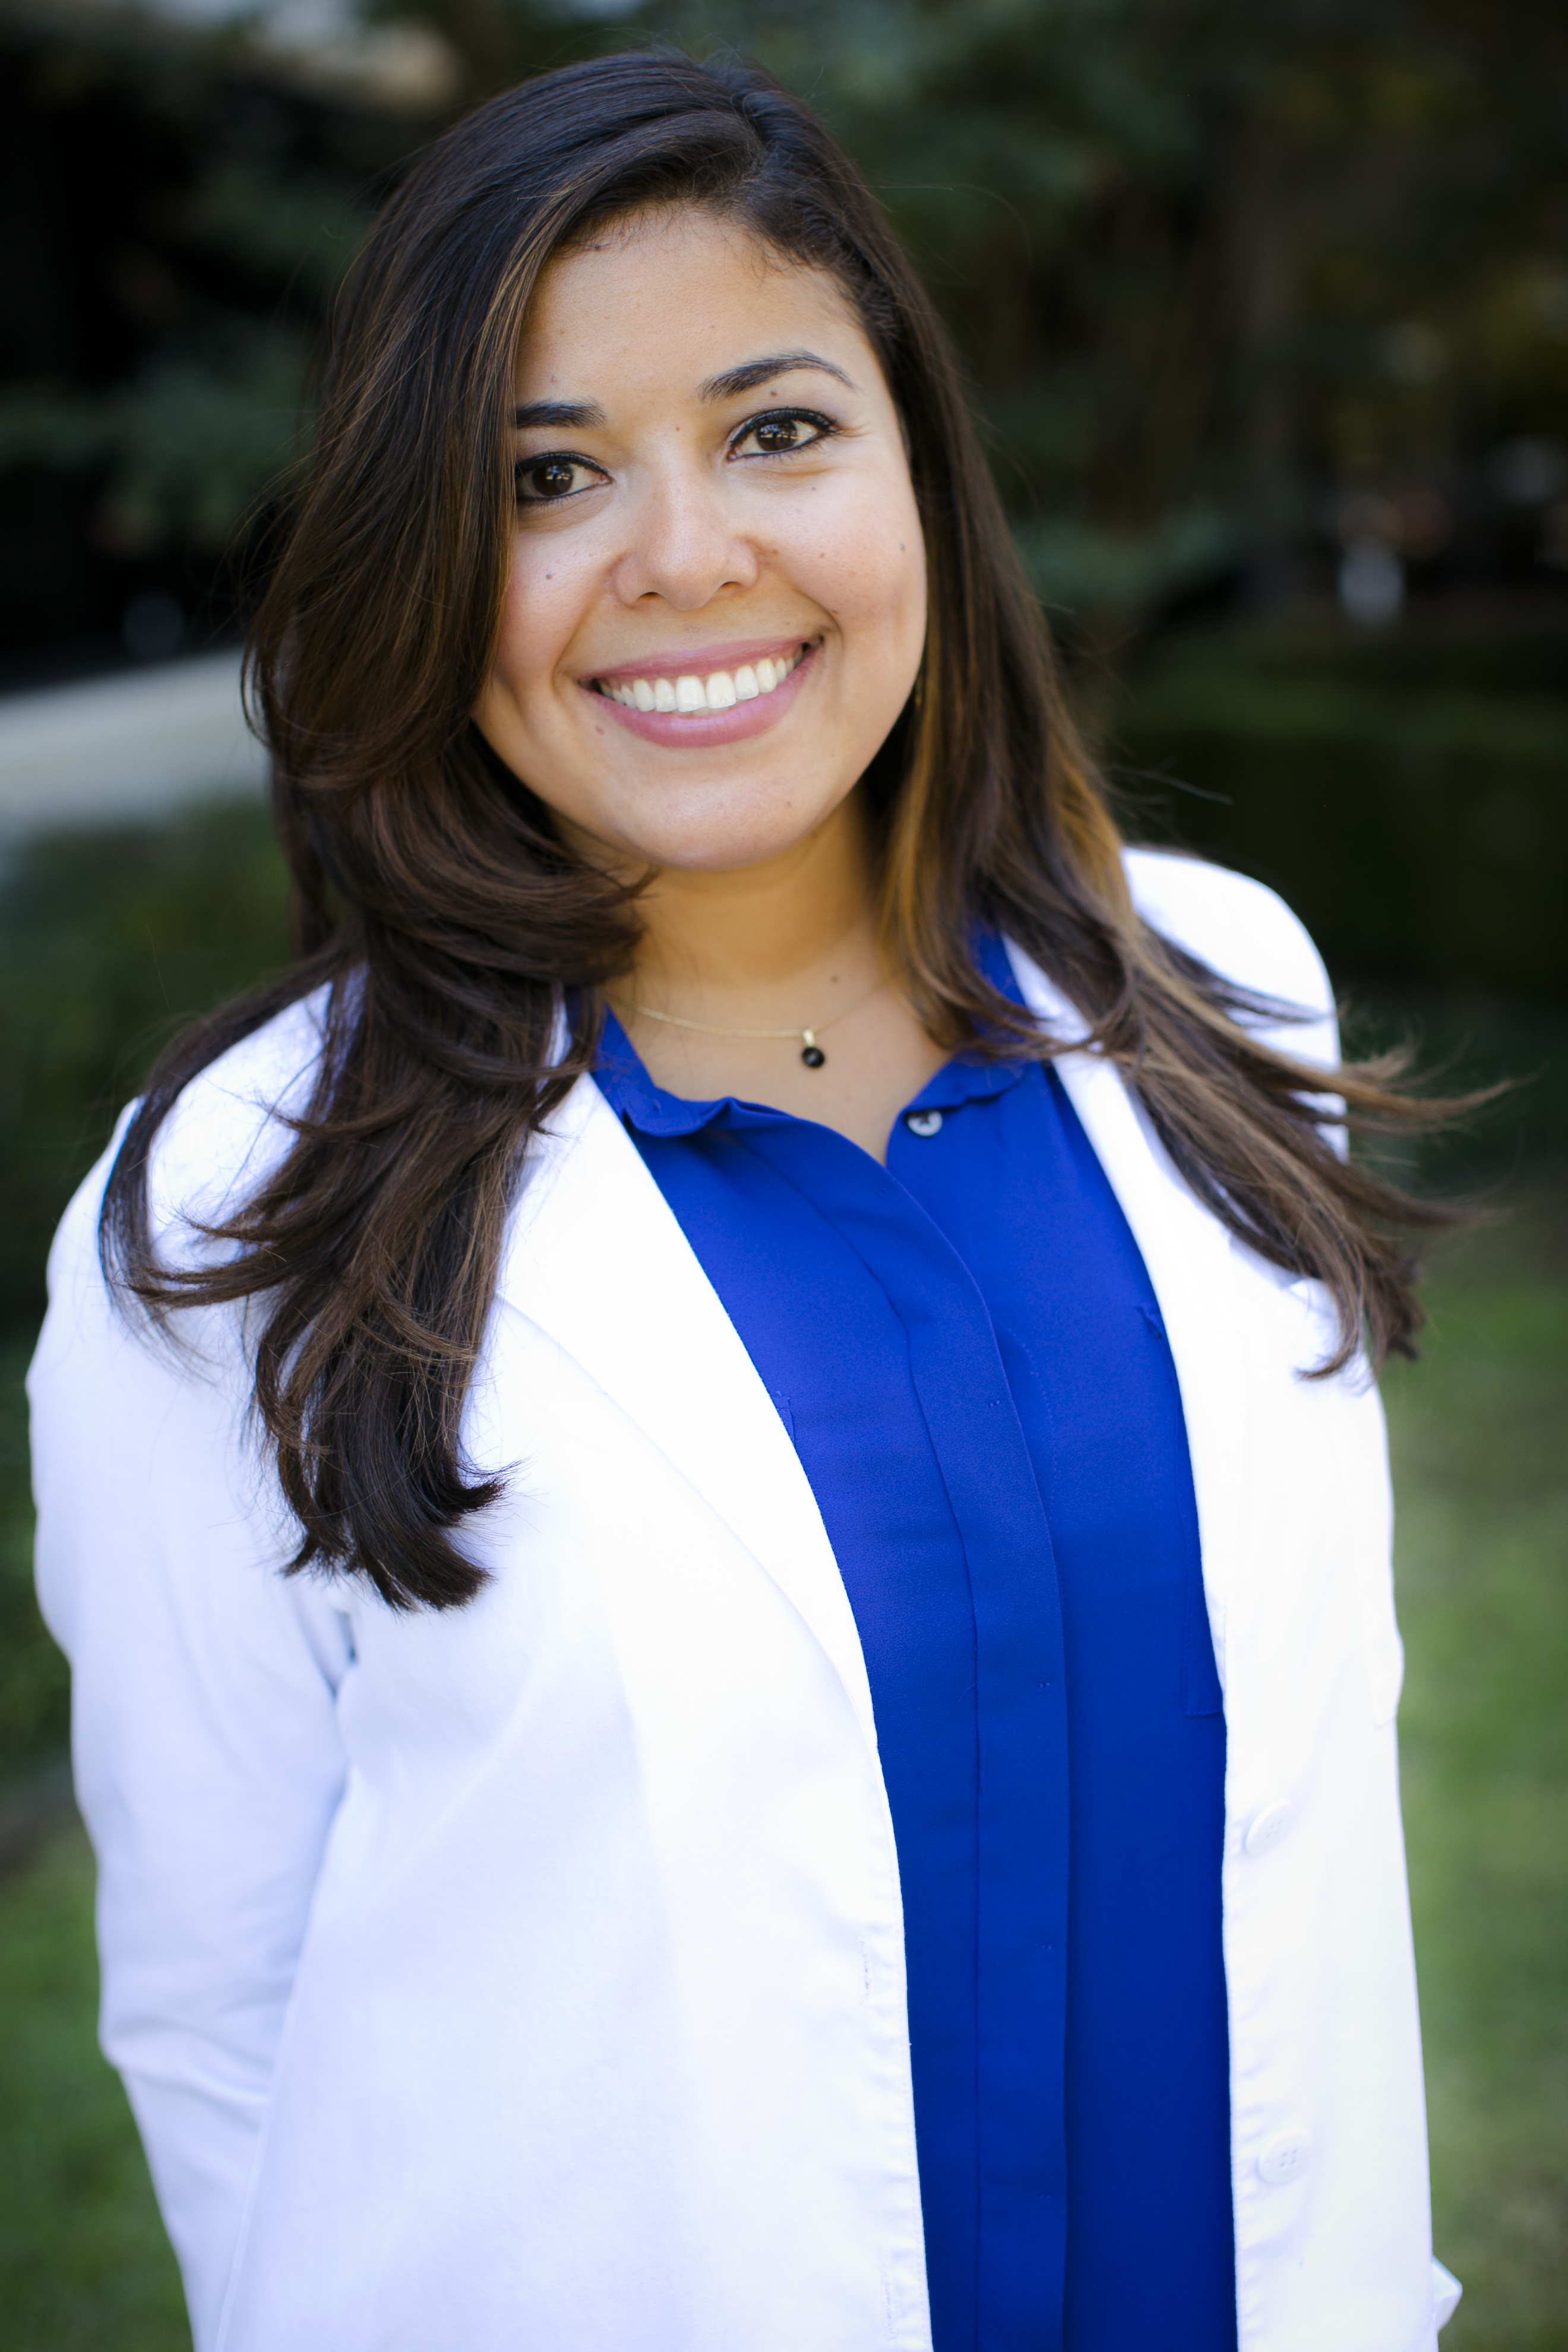 Brenda Matheus, FNP-C